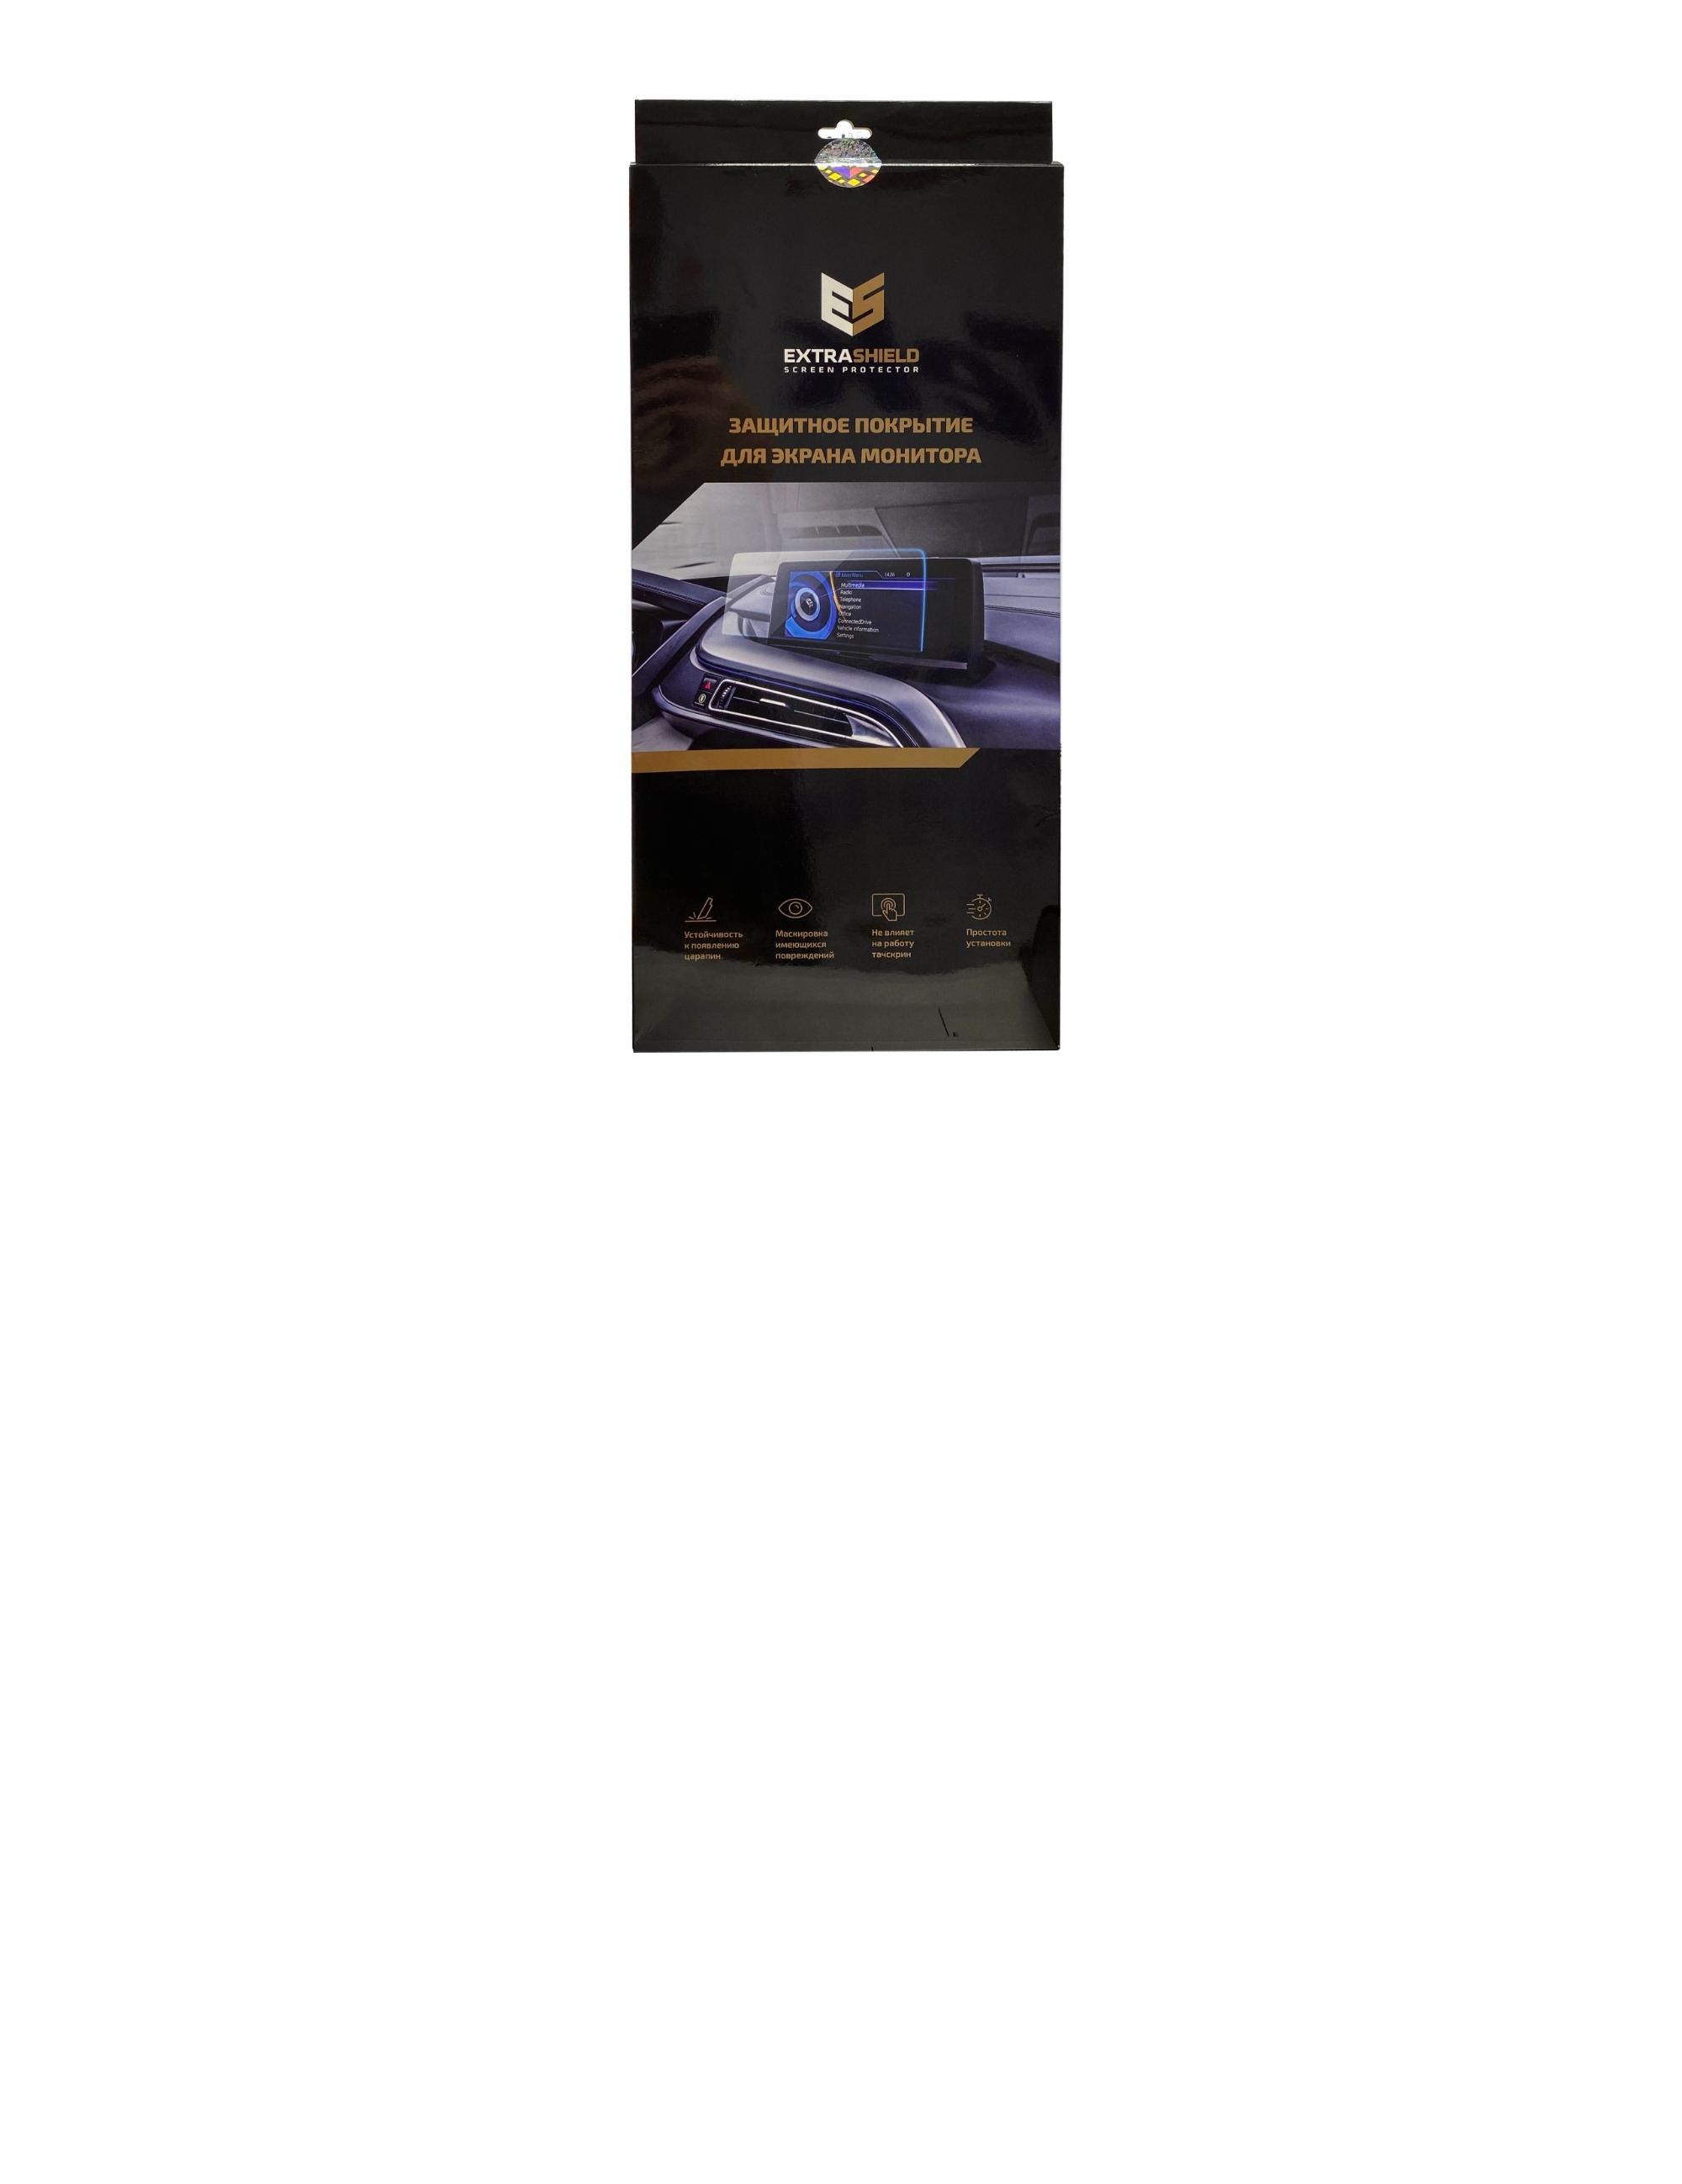 Audi Q5 II (FY) рестайлинг 2019 - н.в. мультимедиа MMI 8,3 Статическая пленка Матовая